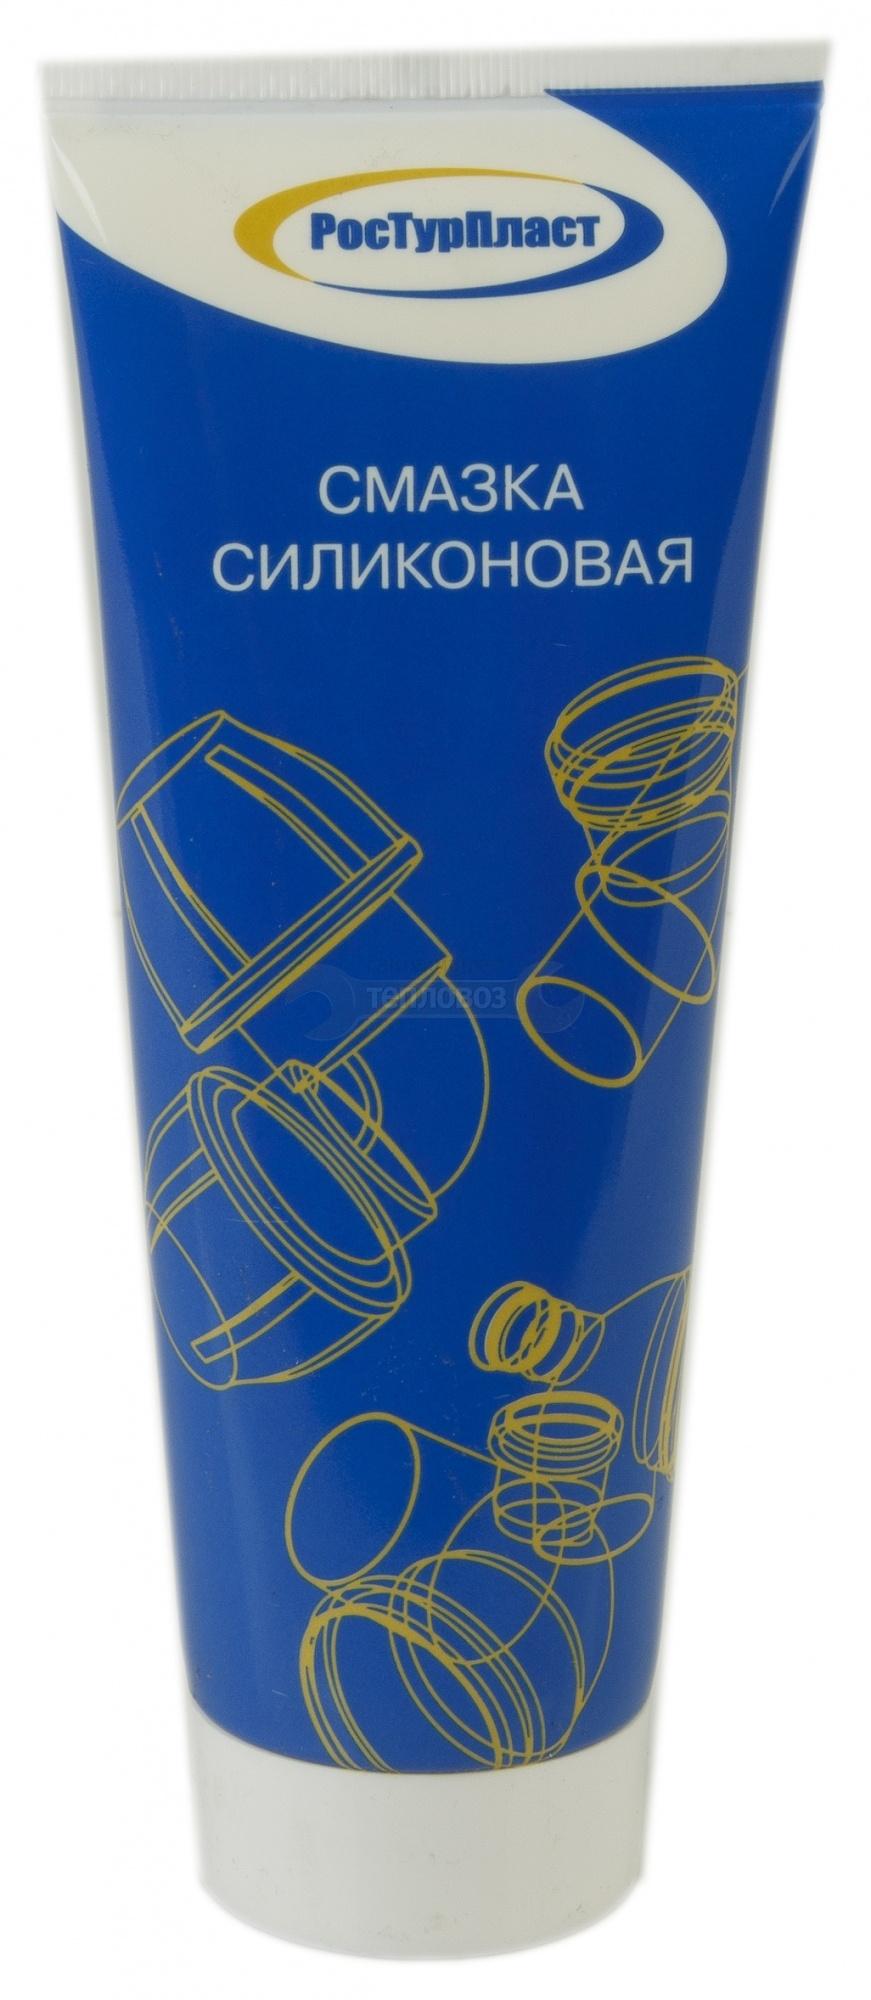 Купить РосТурПласт 250гр. в интернет-магазине Дождь